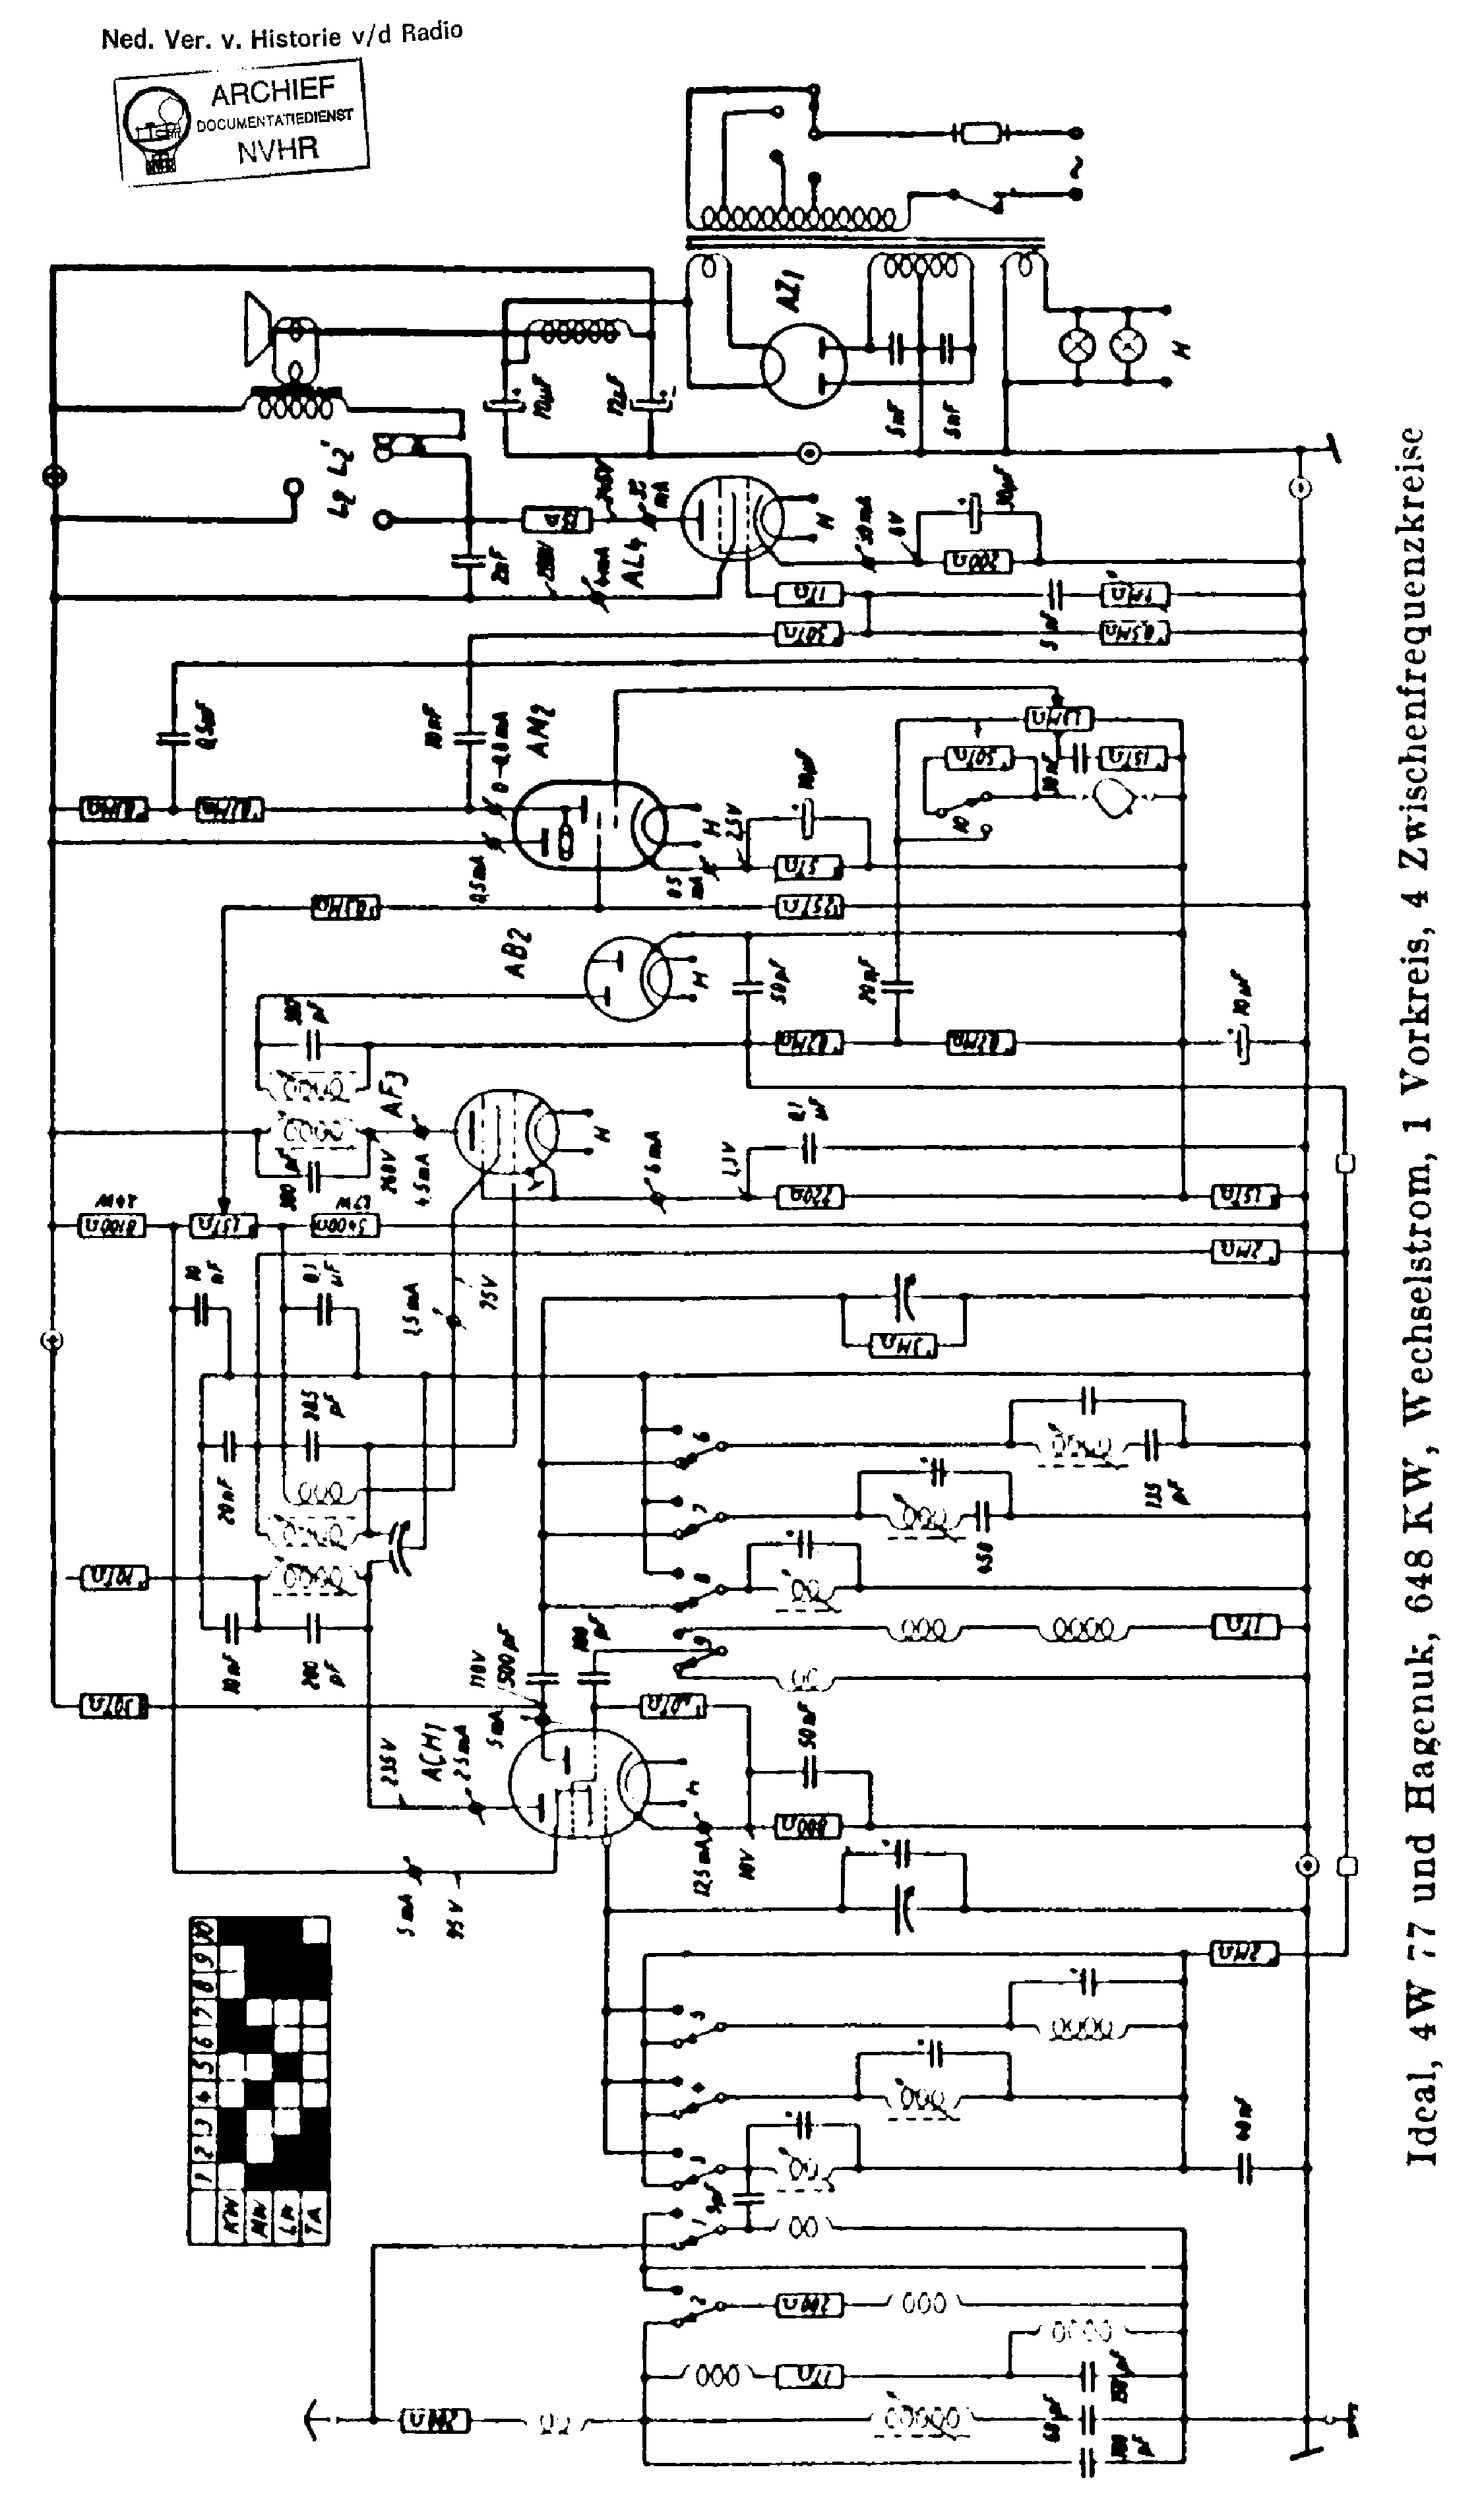 blaupunkt 4w77 ideal 648kw hagenuk receiver sch service manual download  schematics  eeprom